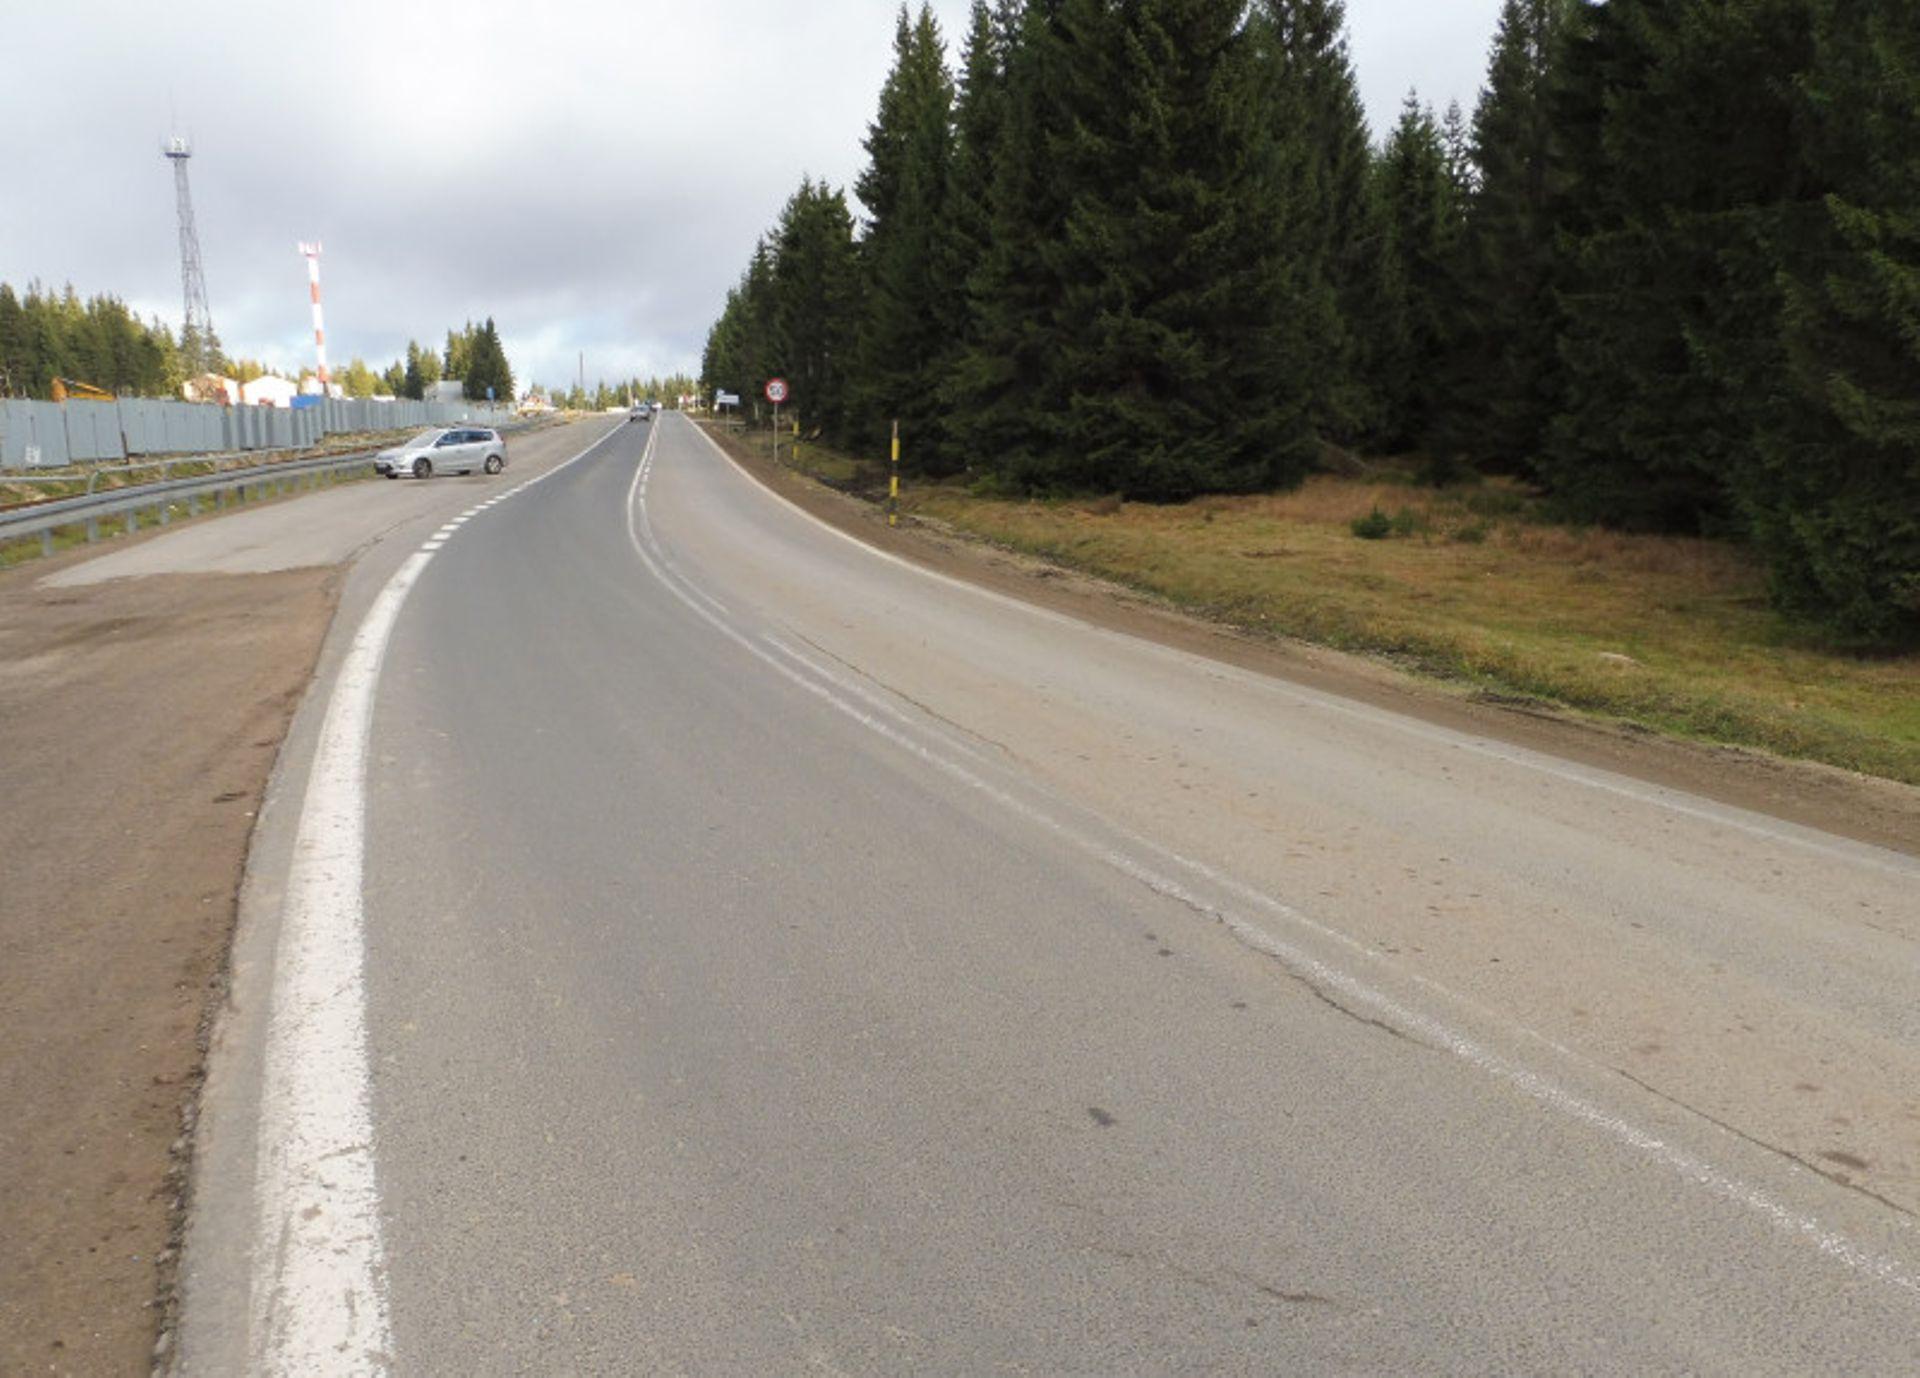 Podpisano umowę na realizację rozbudowy odcinka drogi krajowej nr 3 w rejonie Polany Jakuszyckiej